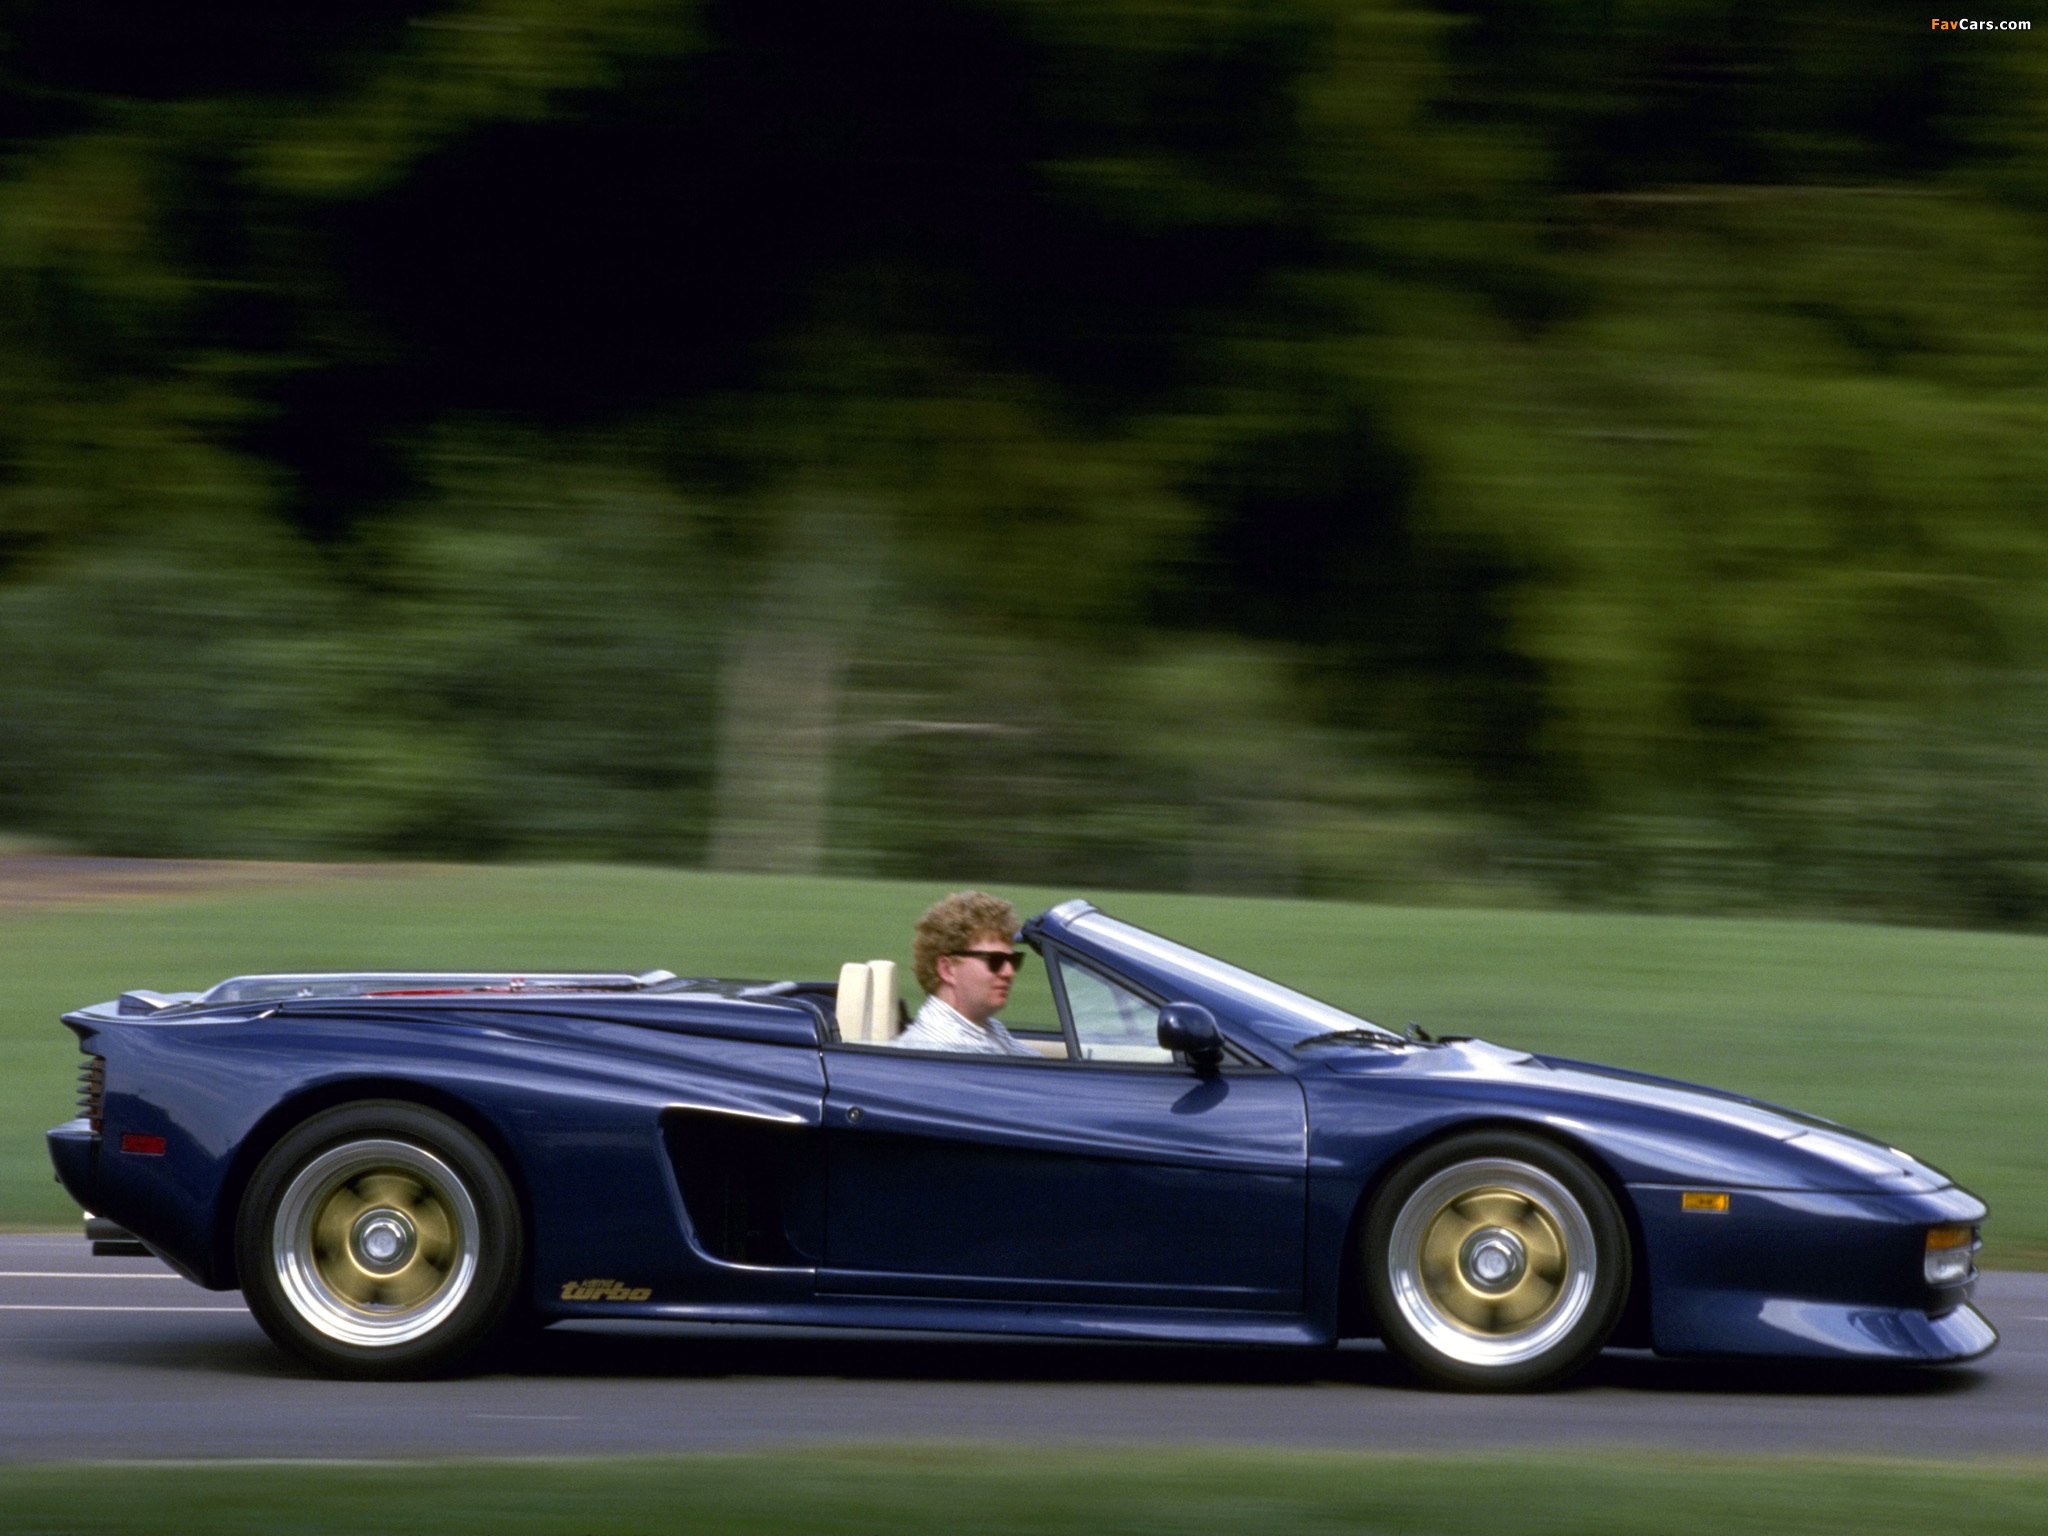 Images Of Koenig Ferrari 512 Testarossa Spider 2048x1536